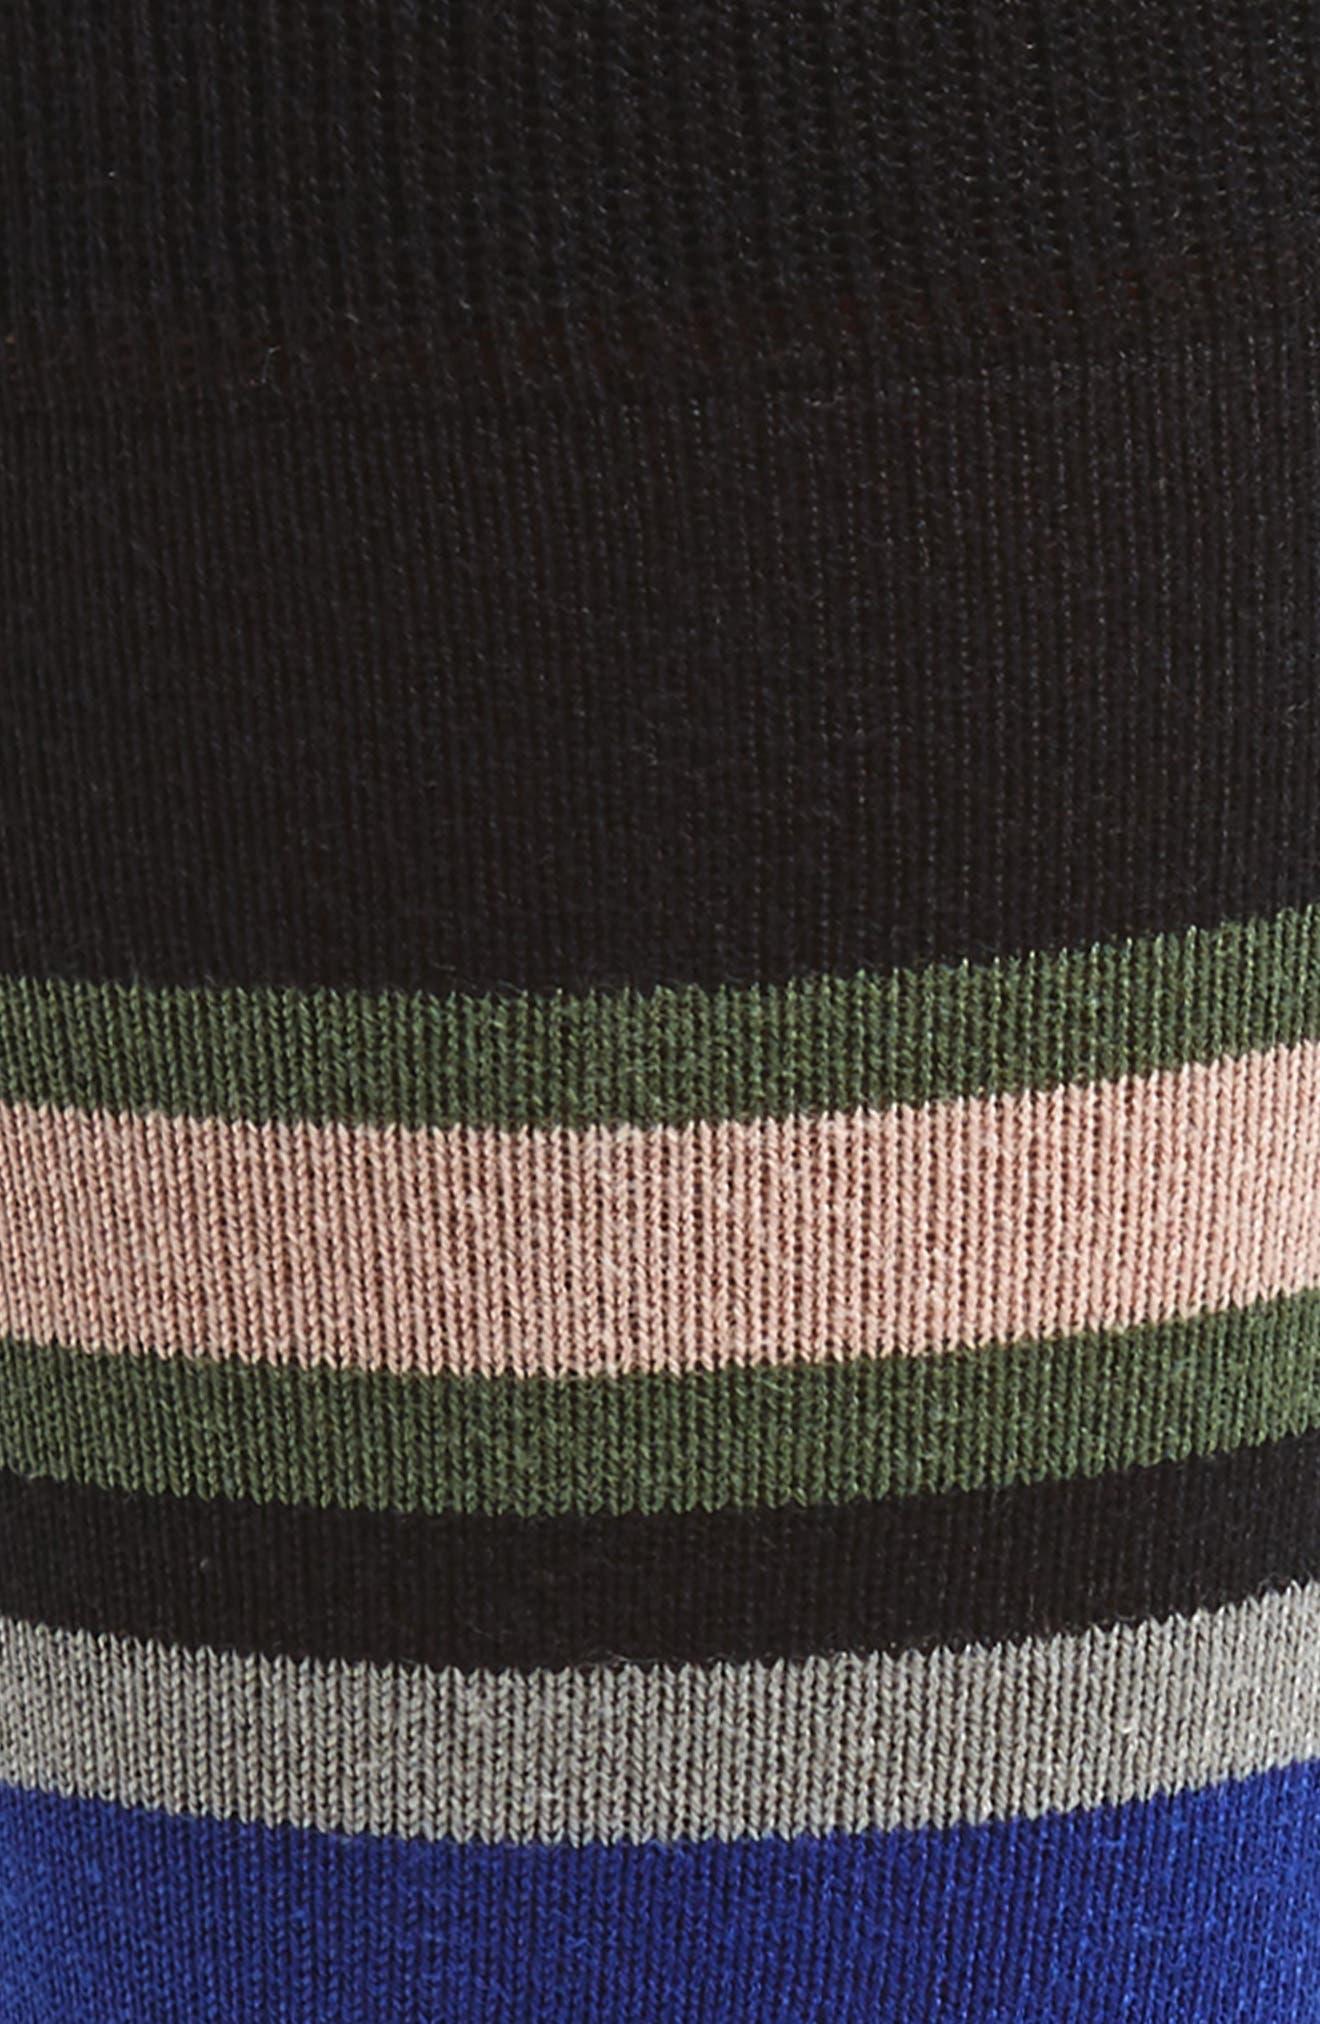 Alternate Image 2  - Paul Smith Kew Stripe Socks